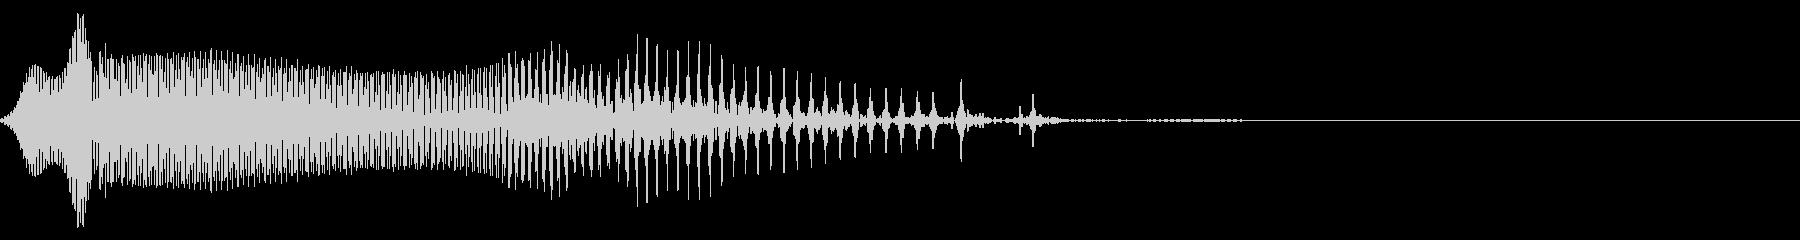 大型生物のあくびの未再生の波形